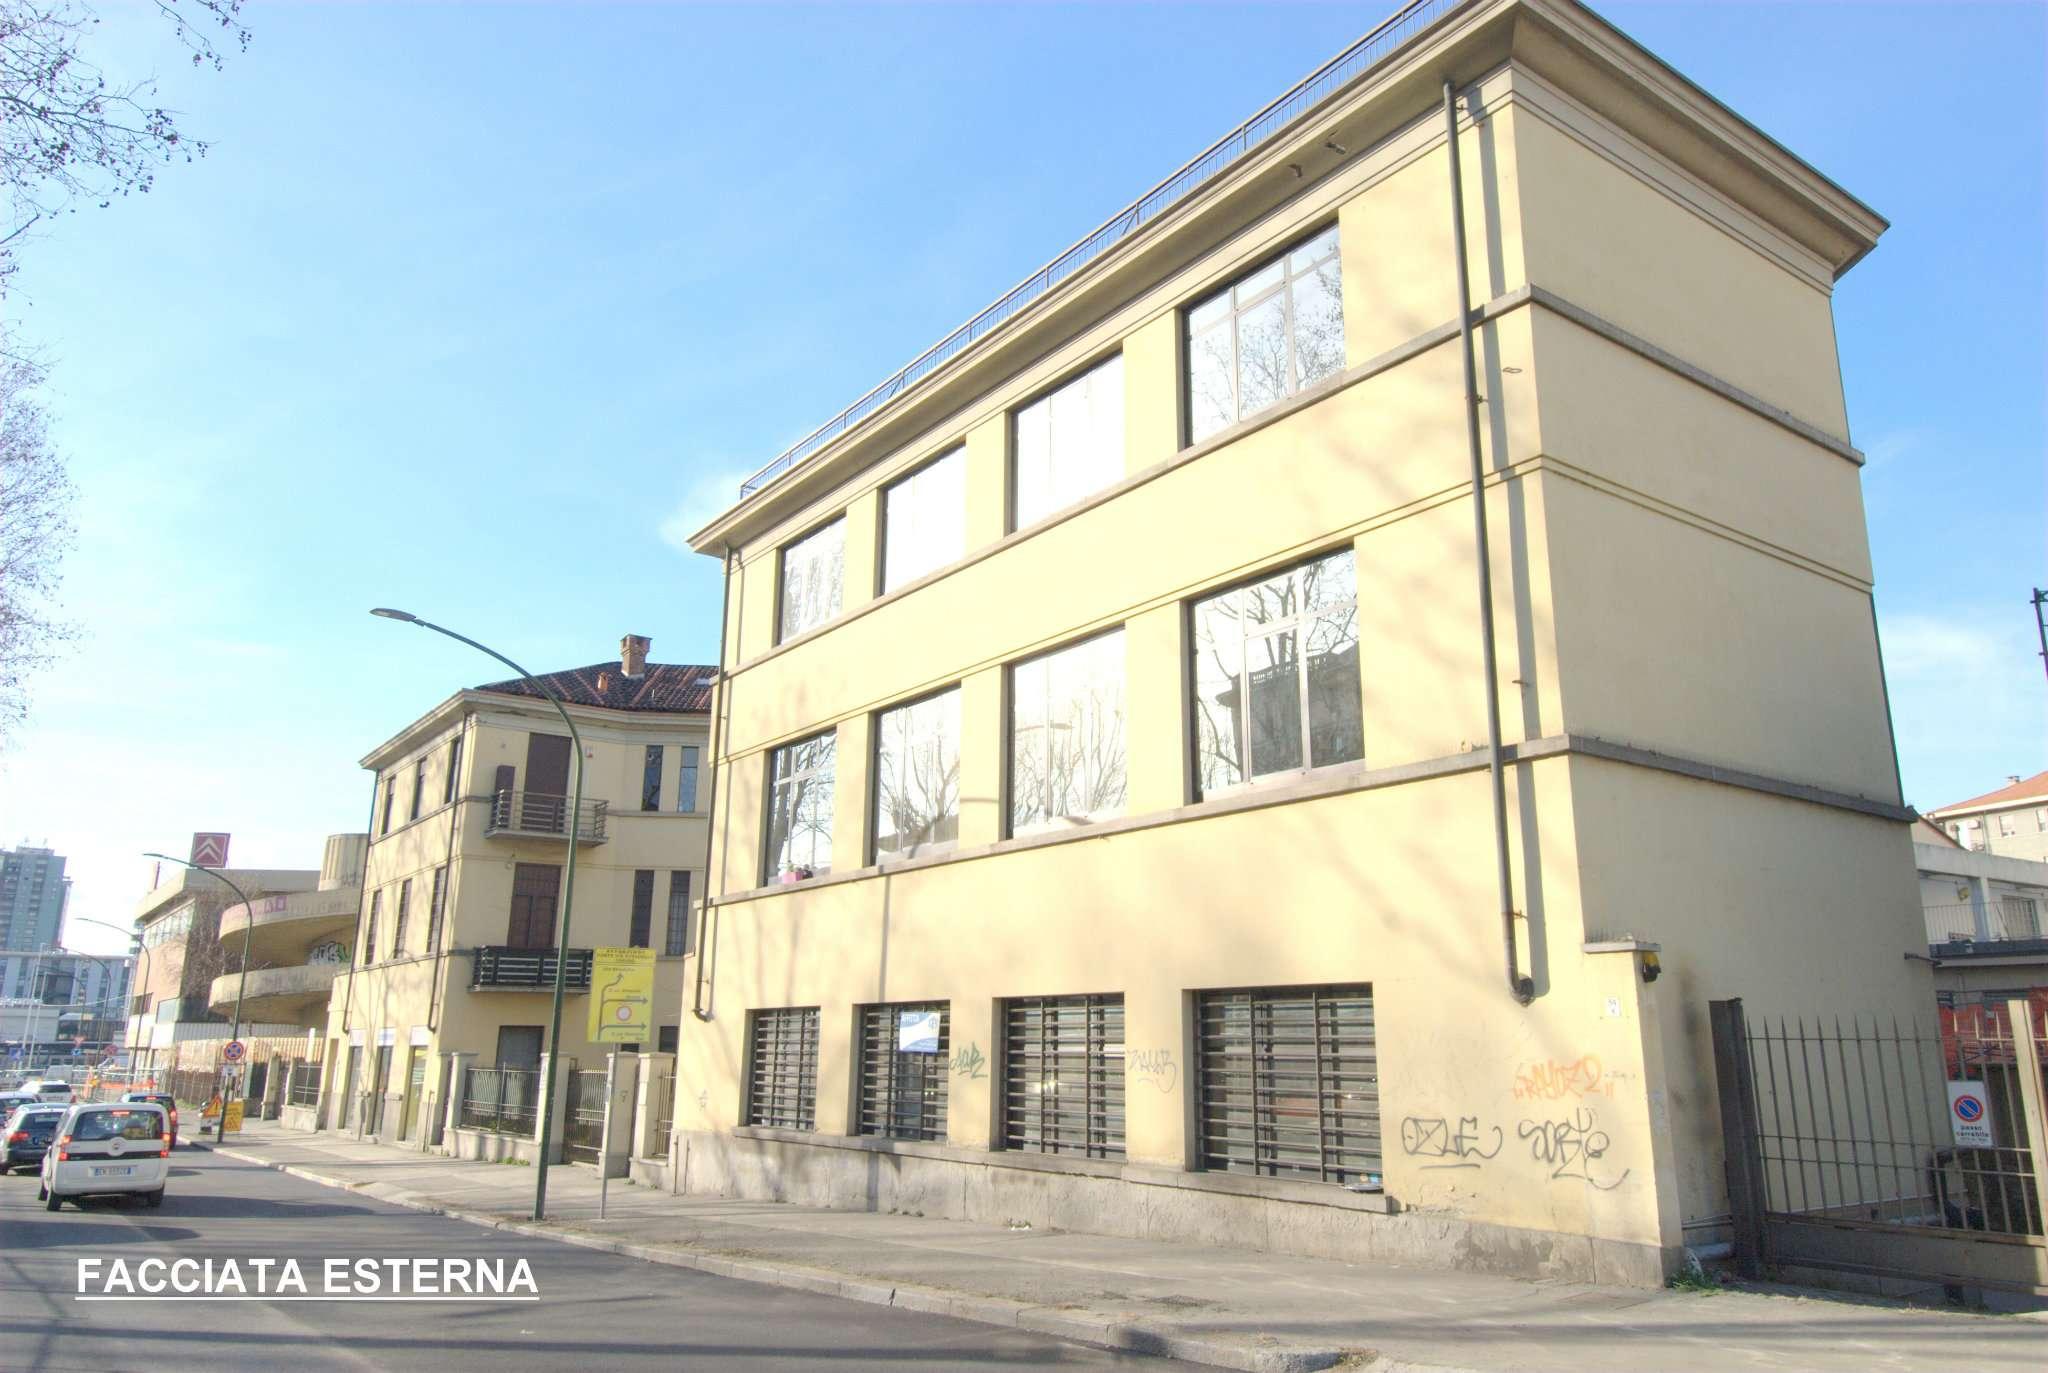 Affitto monolocale torino cerco monolocali in affitto for Cerco ufficio in affitto